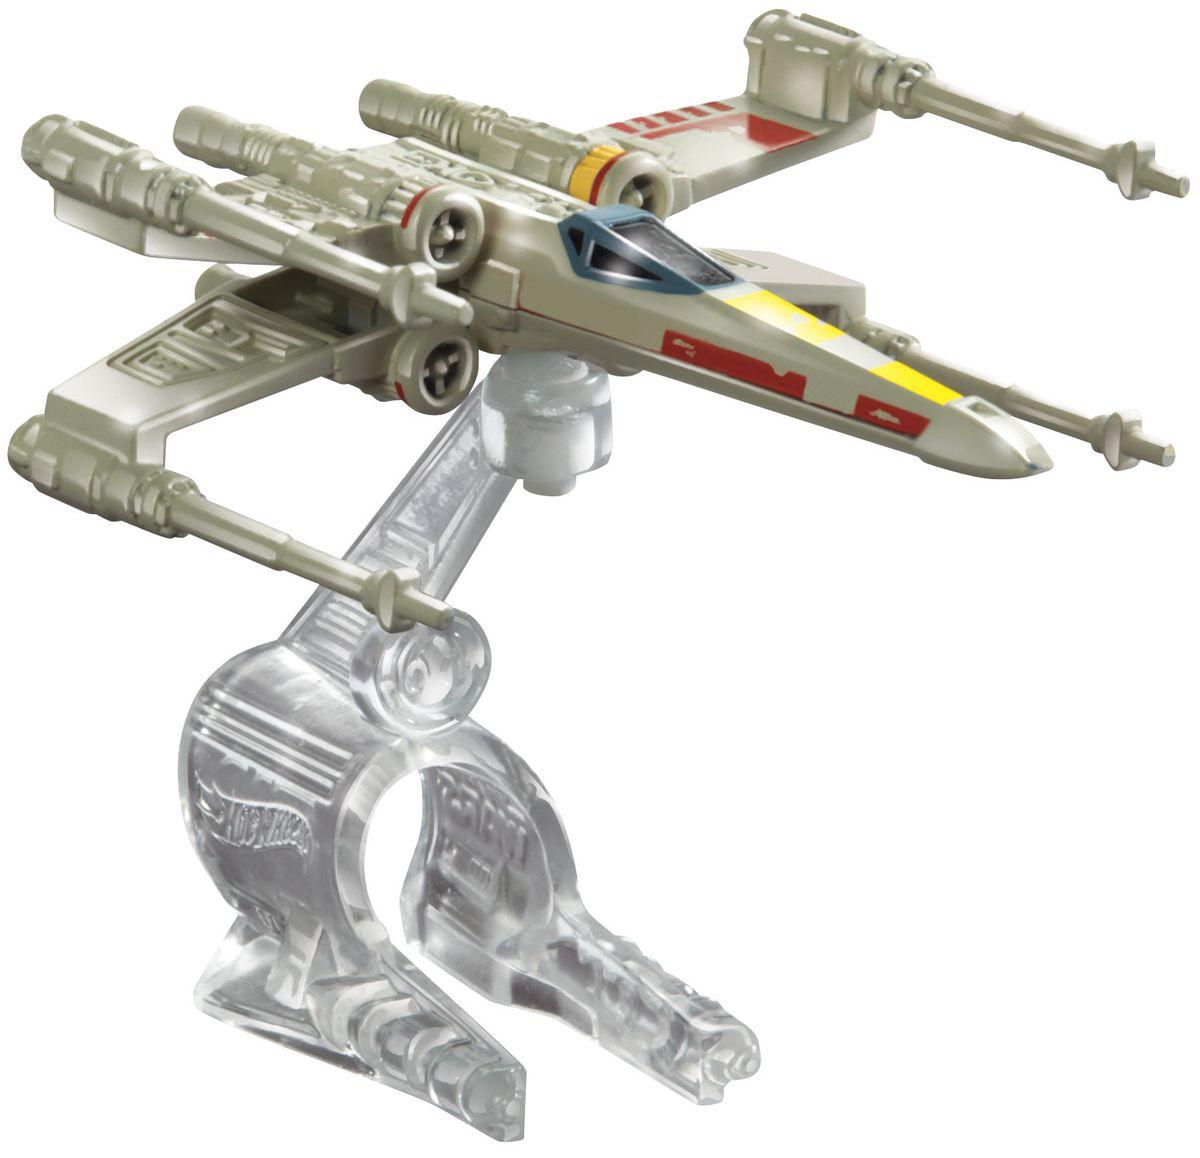 """Звездный корабль Hot Wheels """"Y-Wing Fighter Red 5"""" обязательно привлечет внимание поклонника фантастической саги """"Звездные воины"""". В комплекте звездный корабль и подставка. Надевайте на руку устройство Flight Navigator и запускайте корабль в полет по комнате, прямо как в гиперпространстве, или устраивайте яростные космические сражения. Flight Navigator можно также использовать как подставку для игрушек. Звездолеты совместимы с игровыми наборами Hot Wheels Star Wars (продаются отдельно)."""